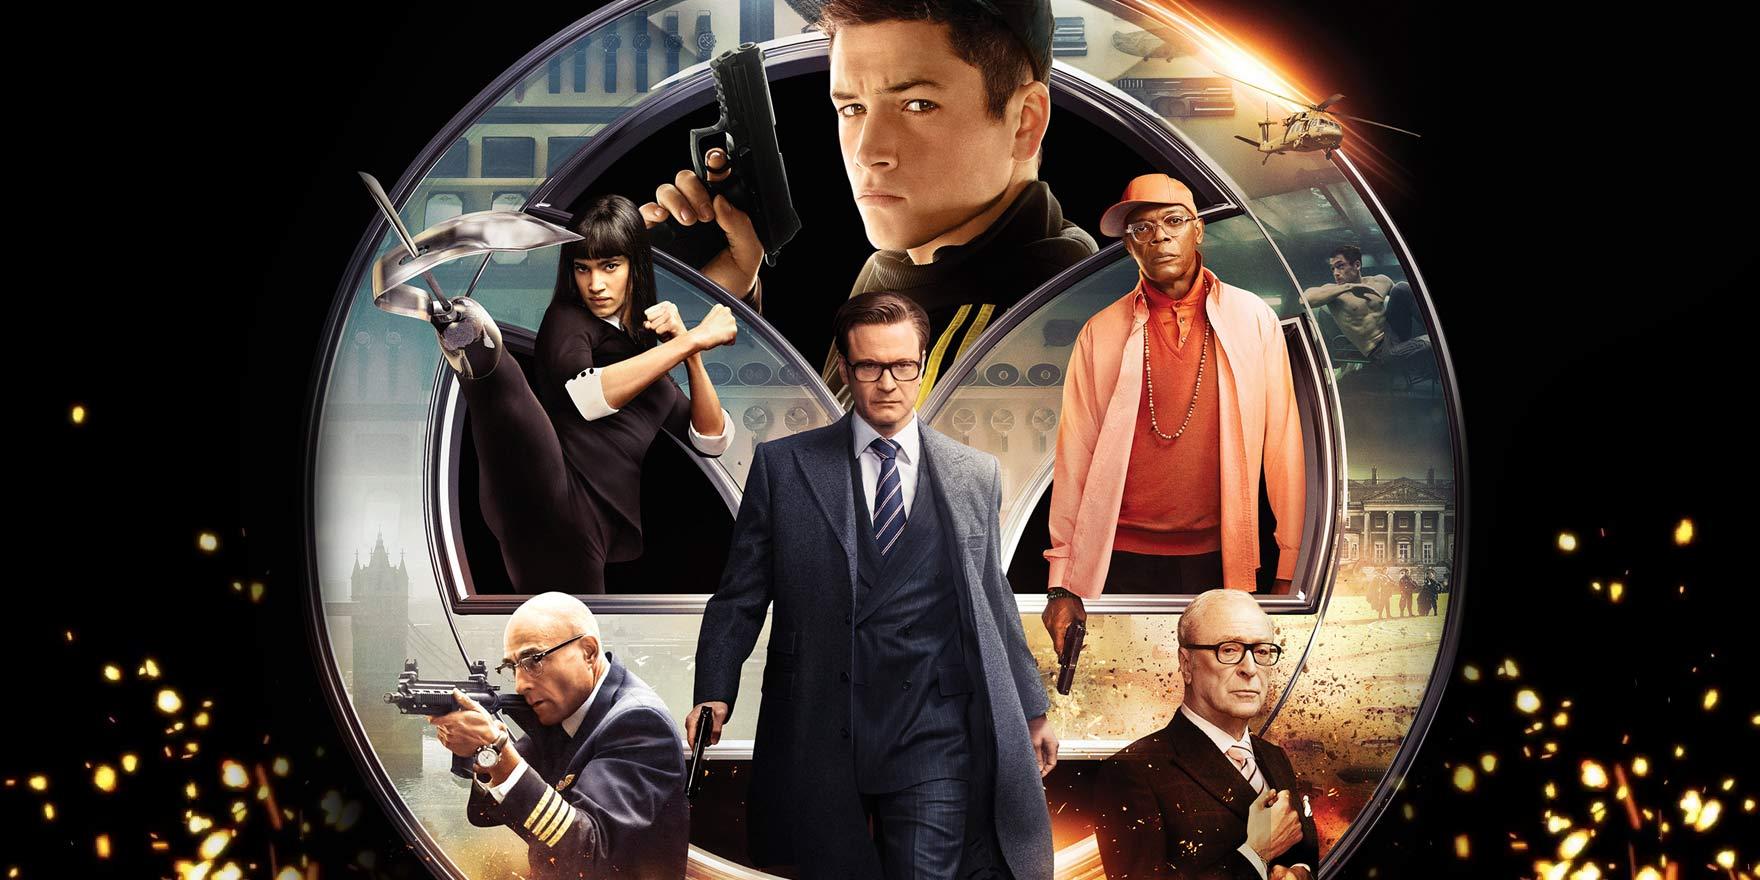 Kingsman: The Secret Service - Header Image